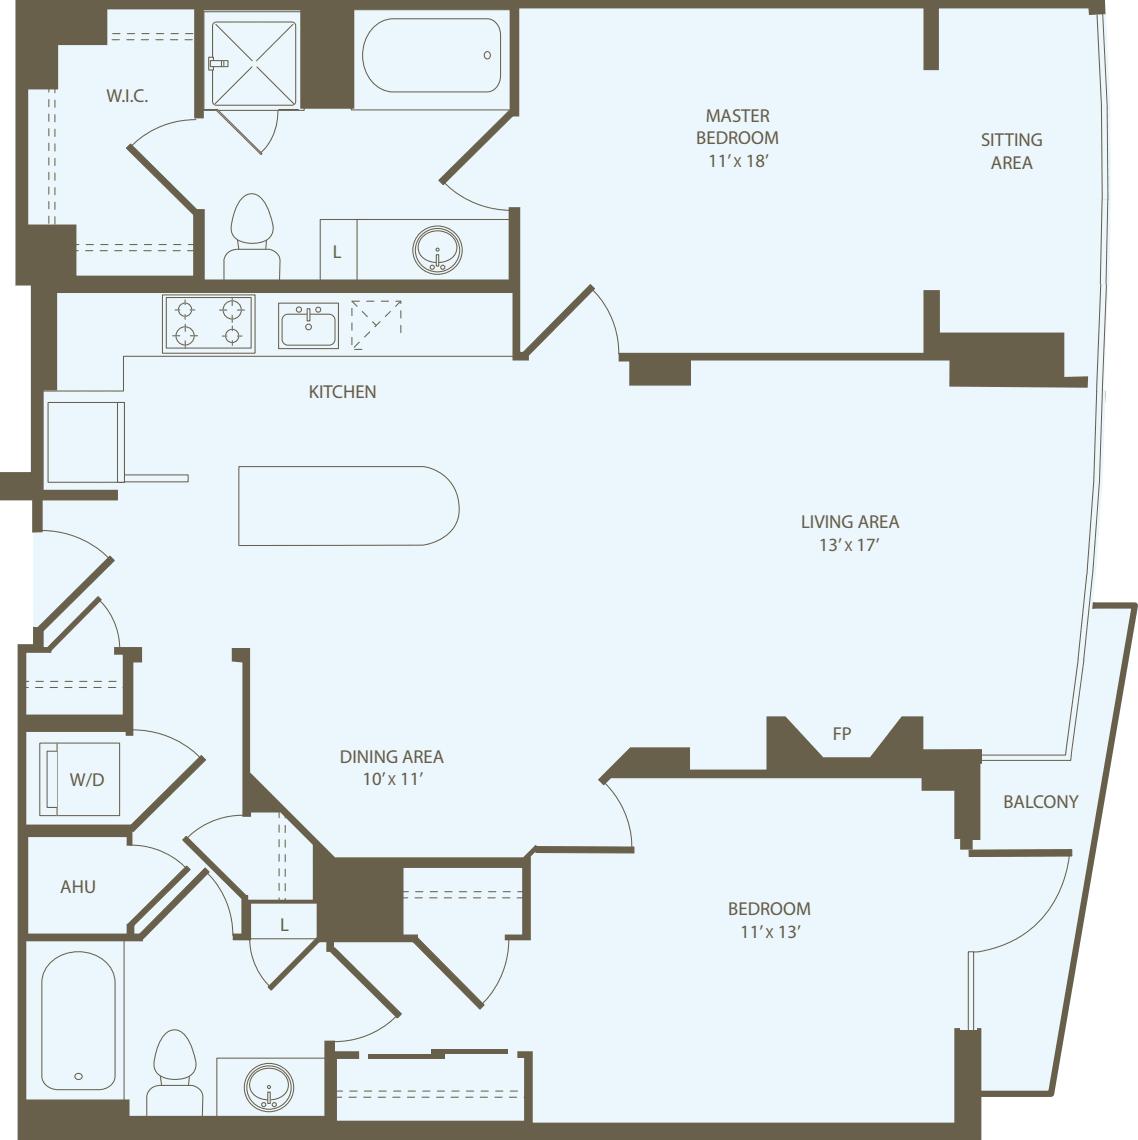 2 Bedrooms HH_RW